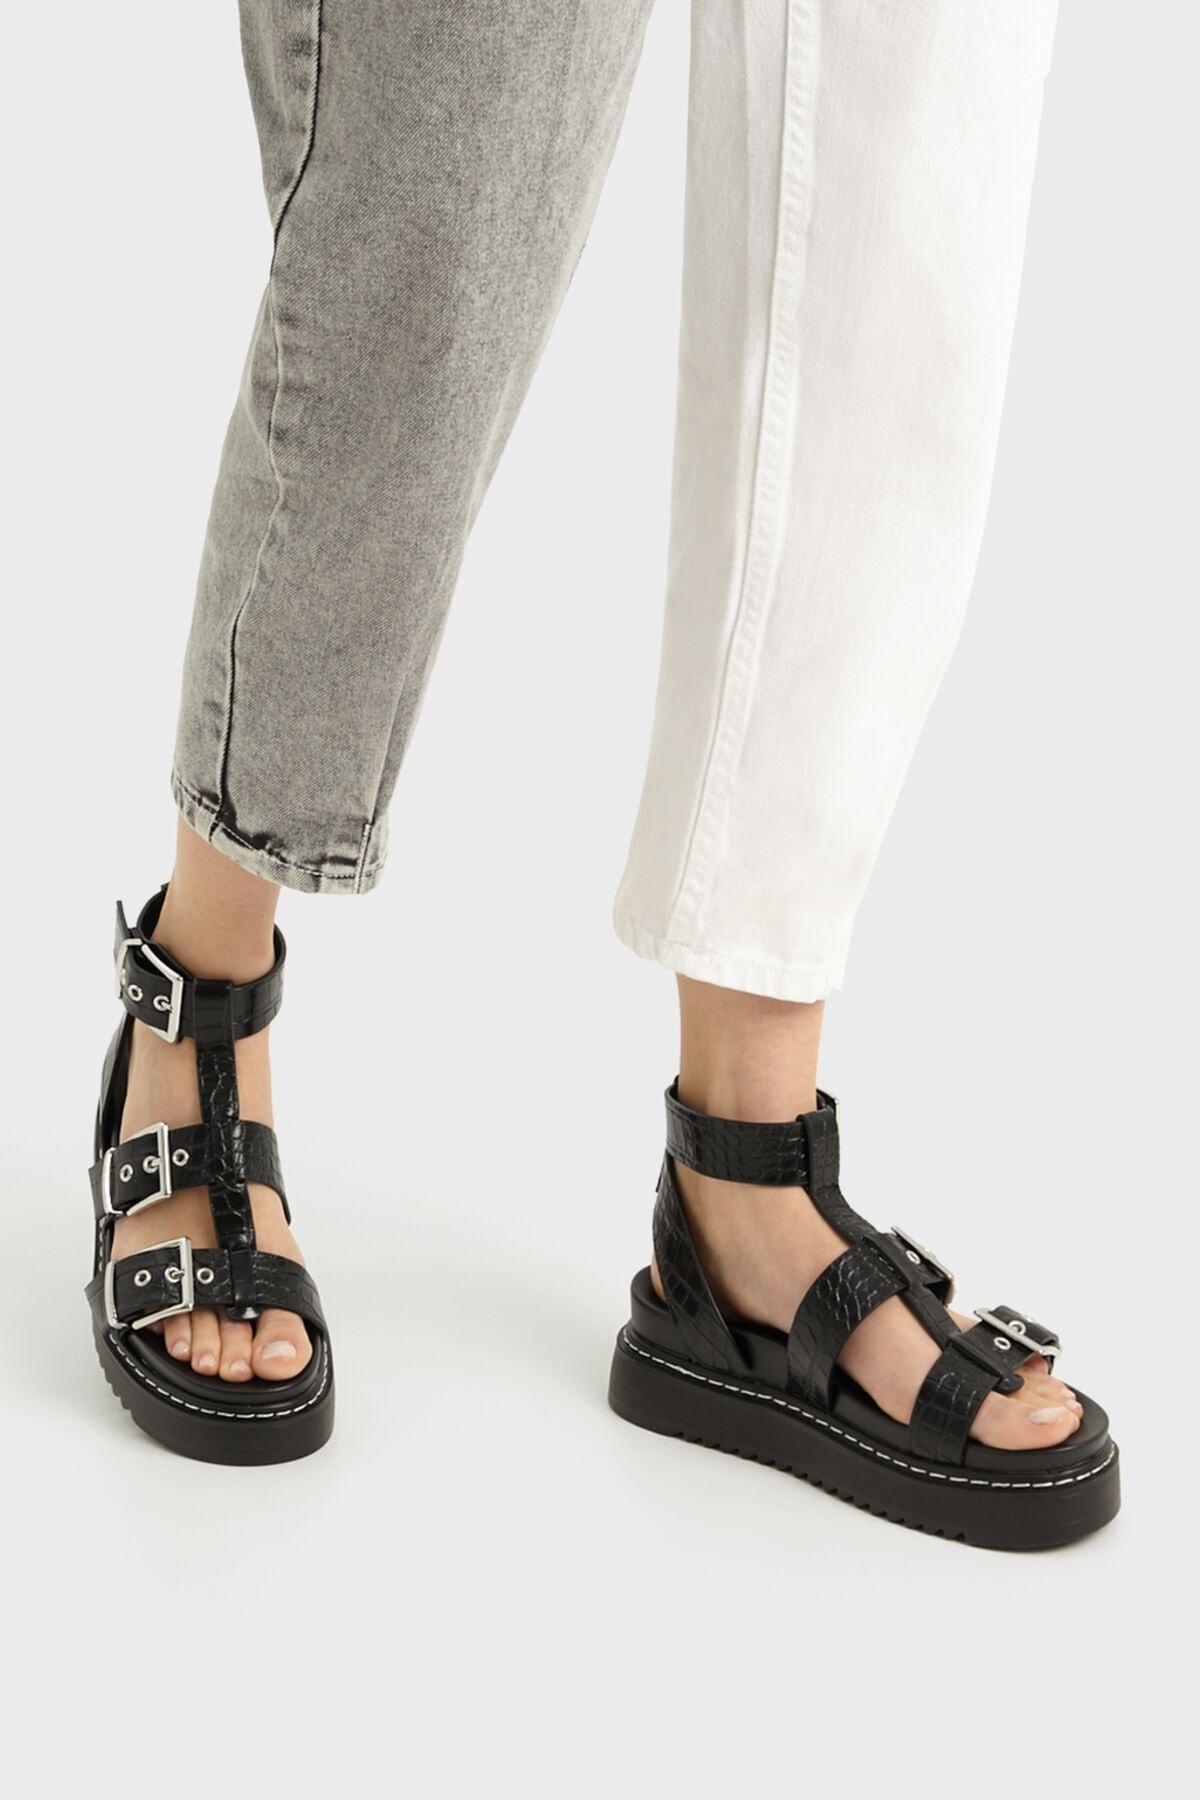 Bershka Kadın Tokalı Ve Kabartma Desenli Platform Sandalet. 1